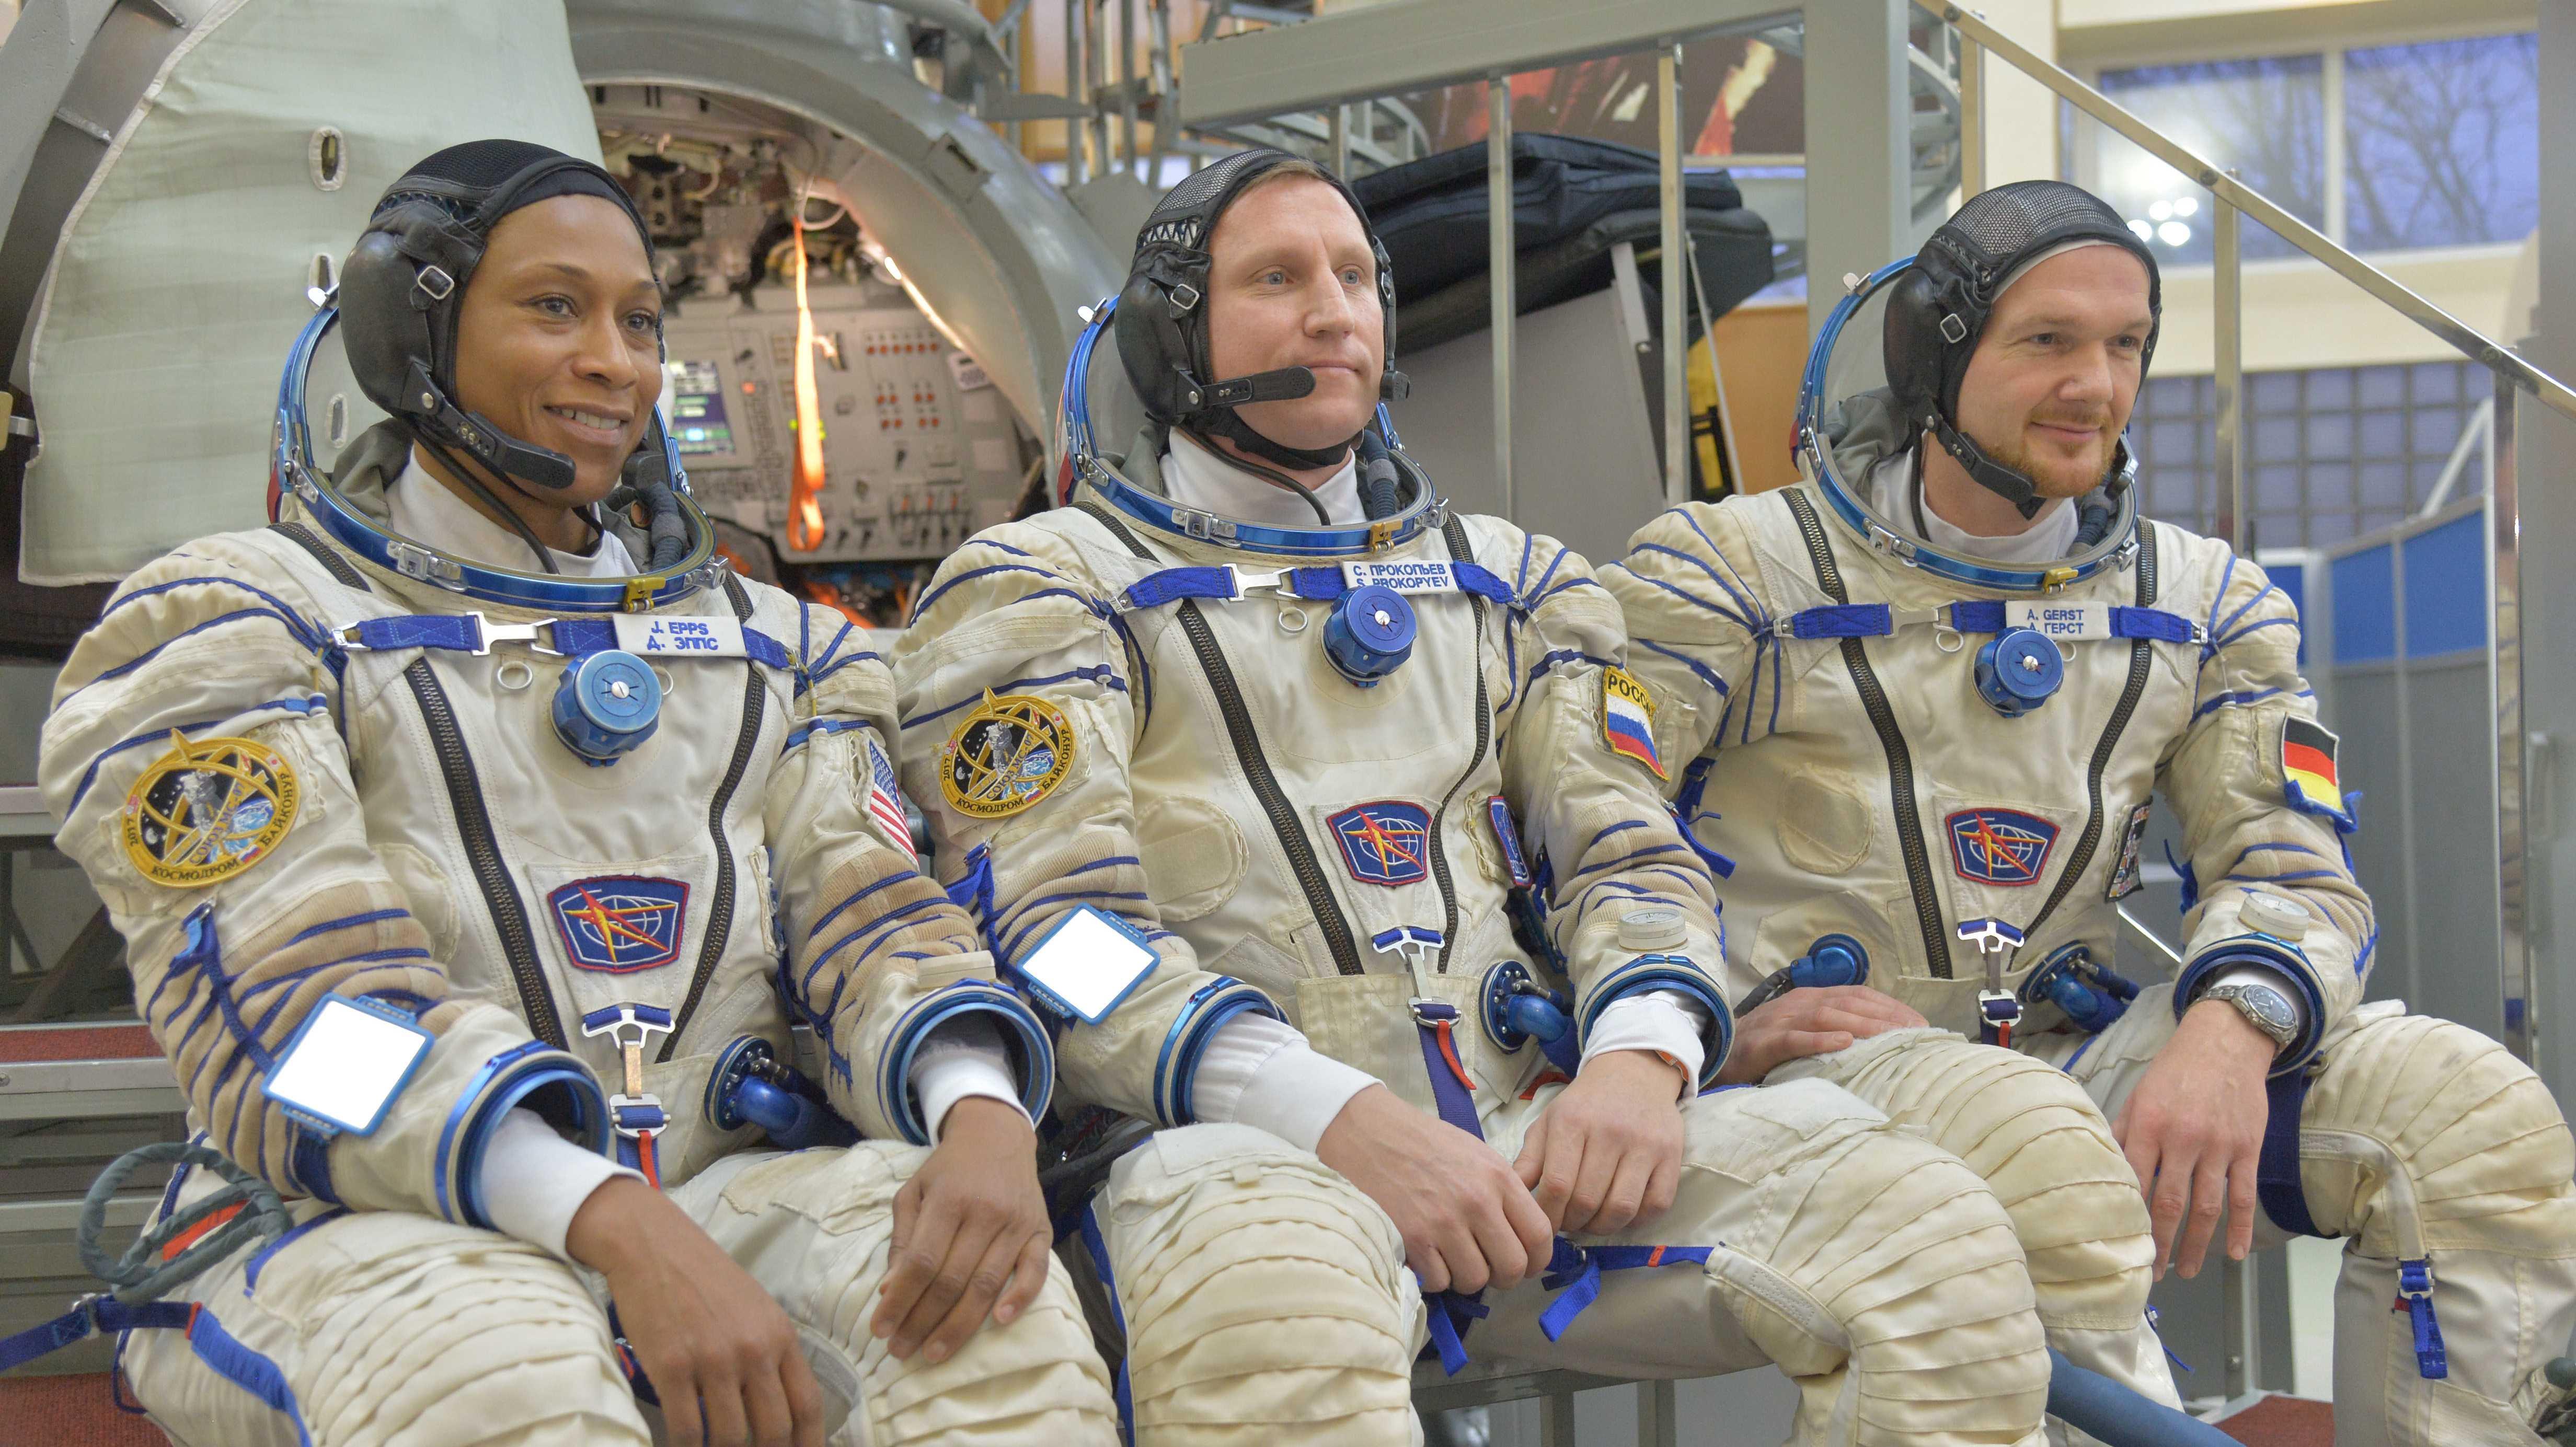 Drei Raumfahrer in Raumanzügen posieren für Foto